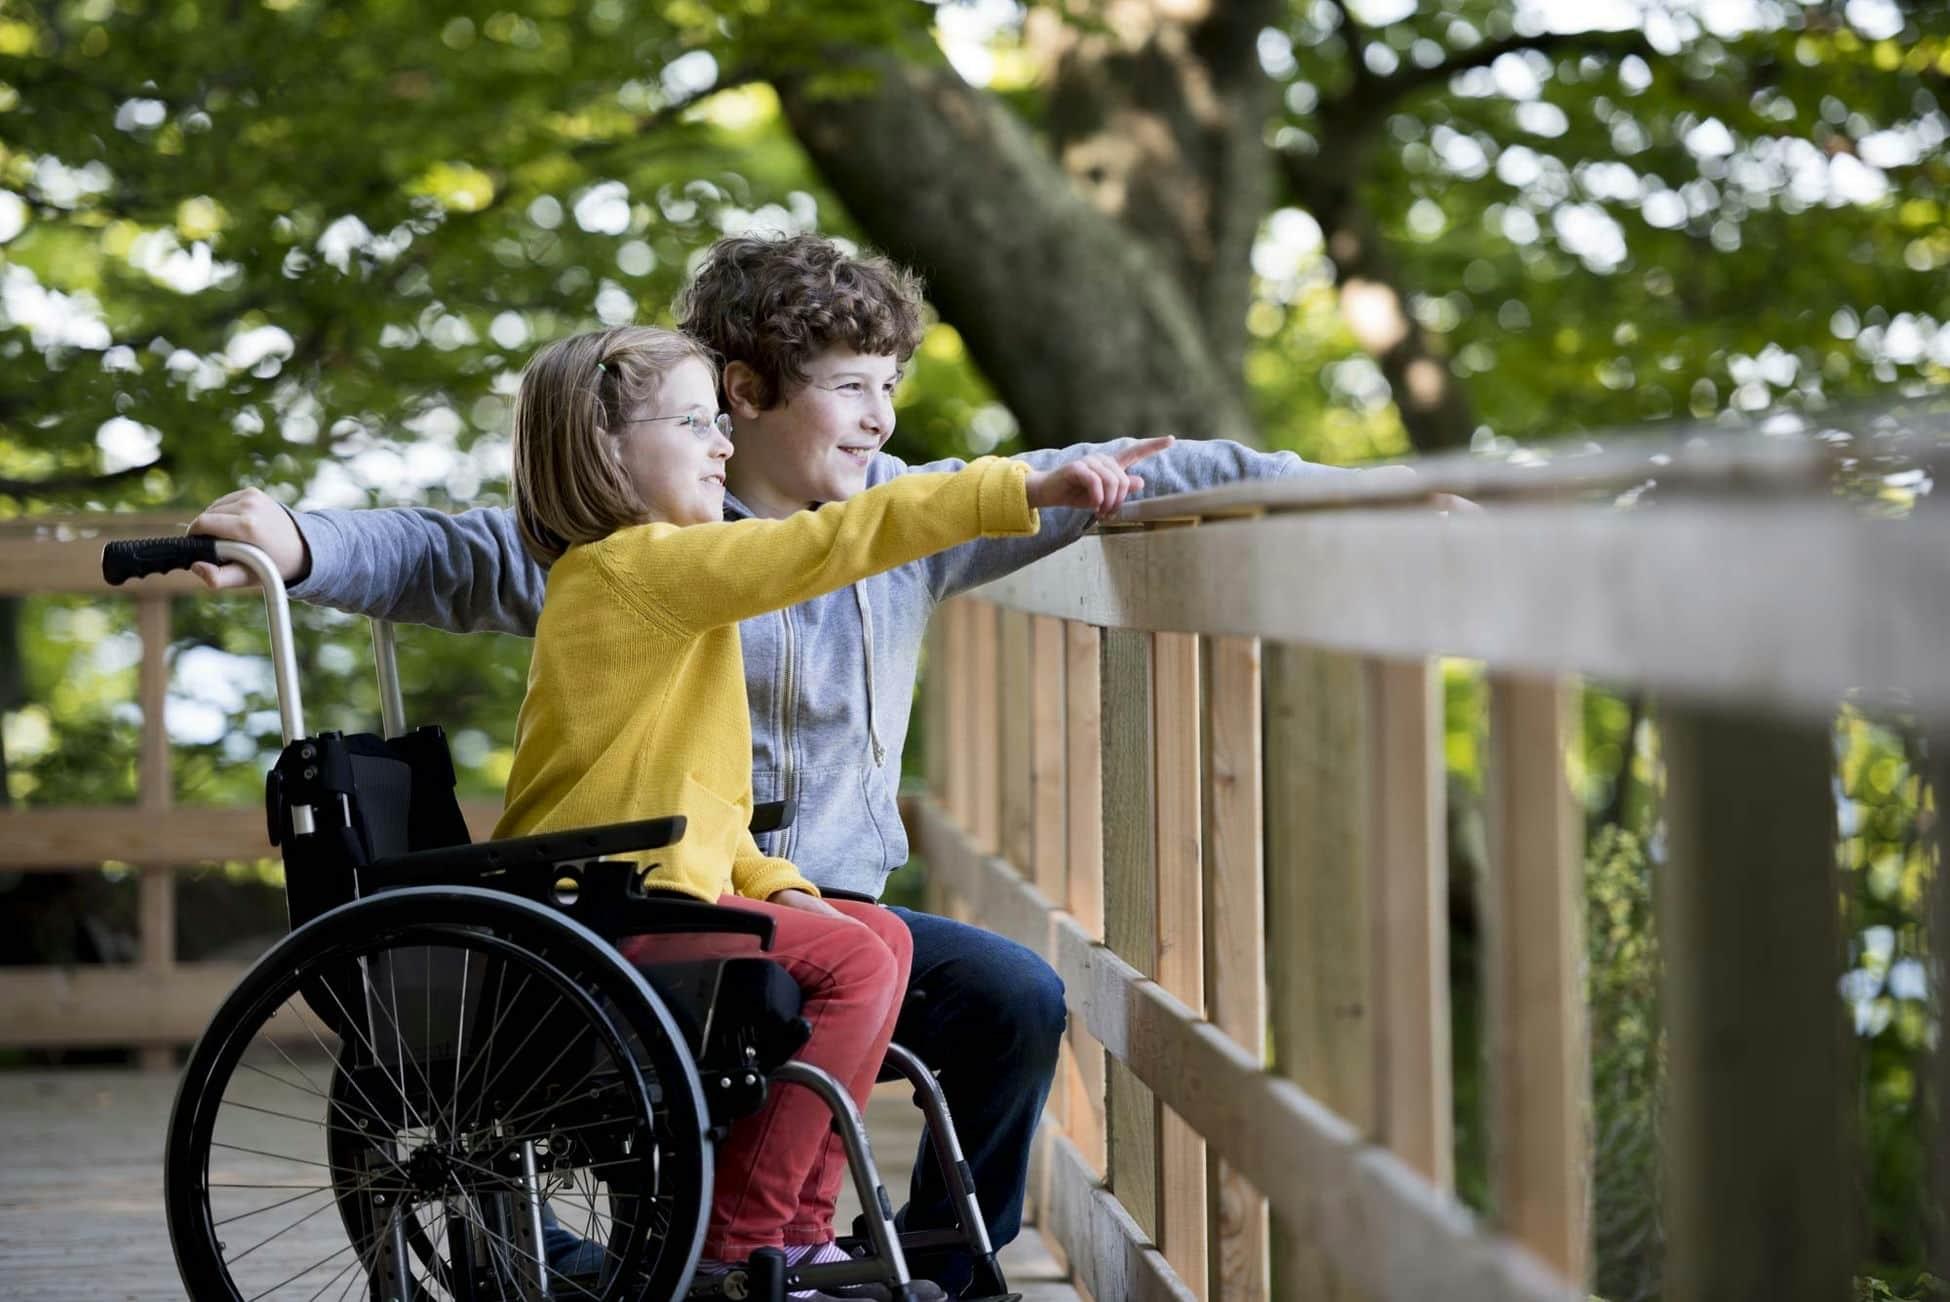 Rolstoeltoegankelijk vakantiehuis: vakantie voor mindervaliden